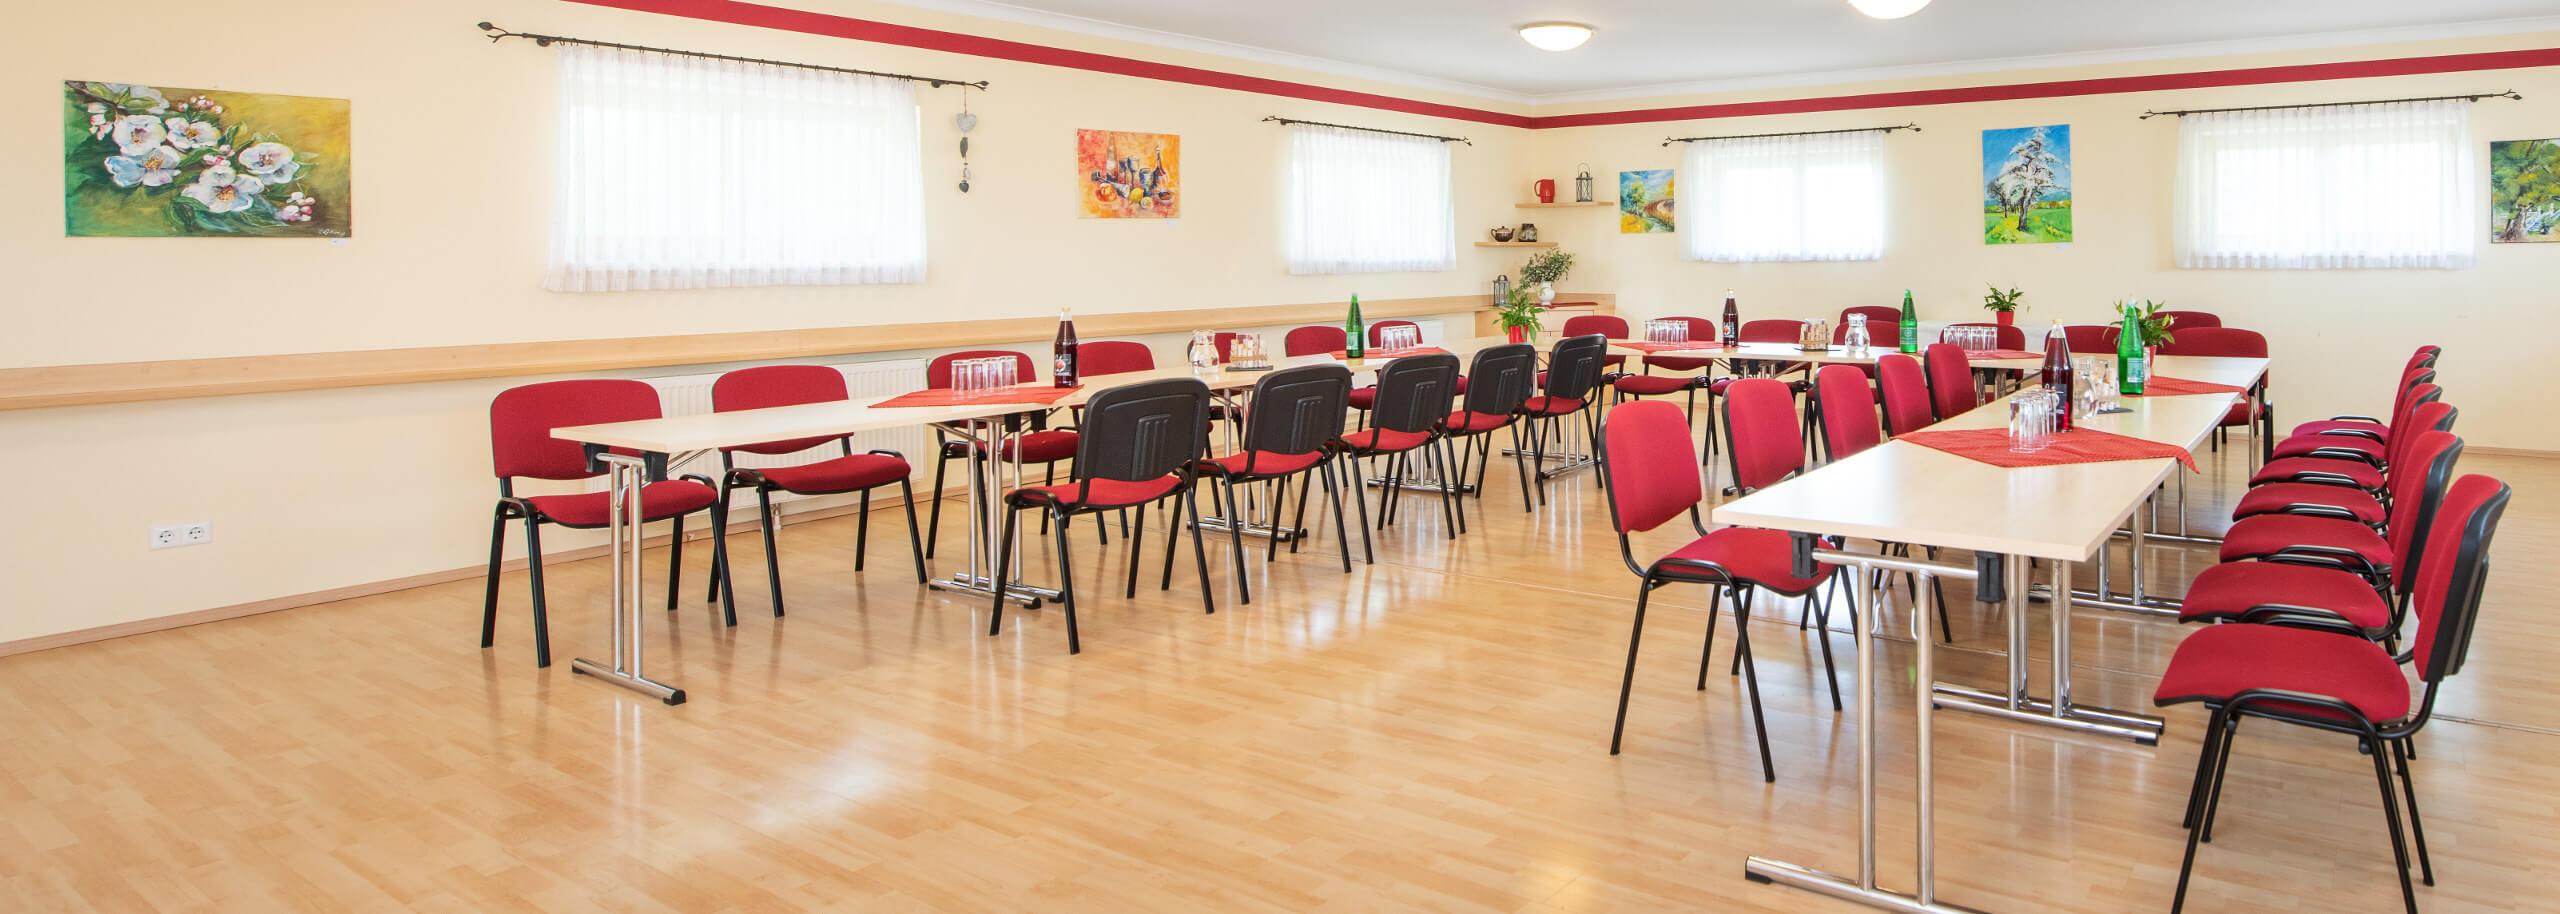 Im Veranstaltungsraum Seminare, Vorträge und Tagungen im Naturfreunde Bootshaus abhalten